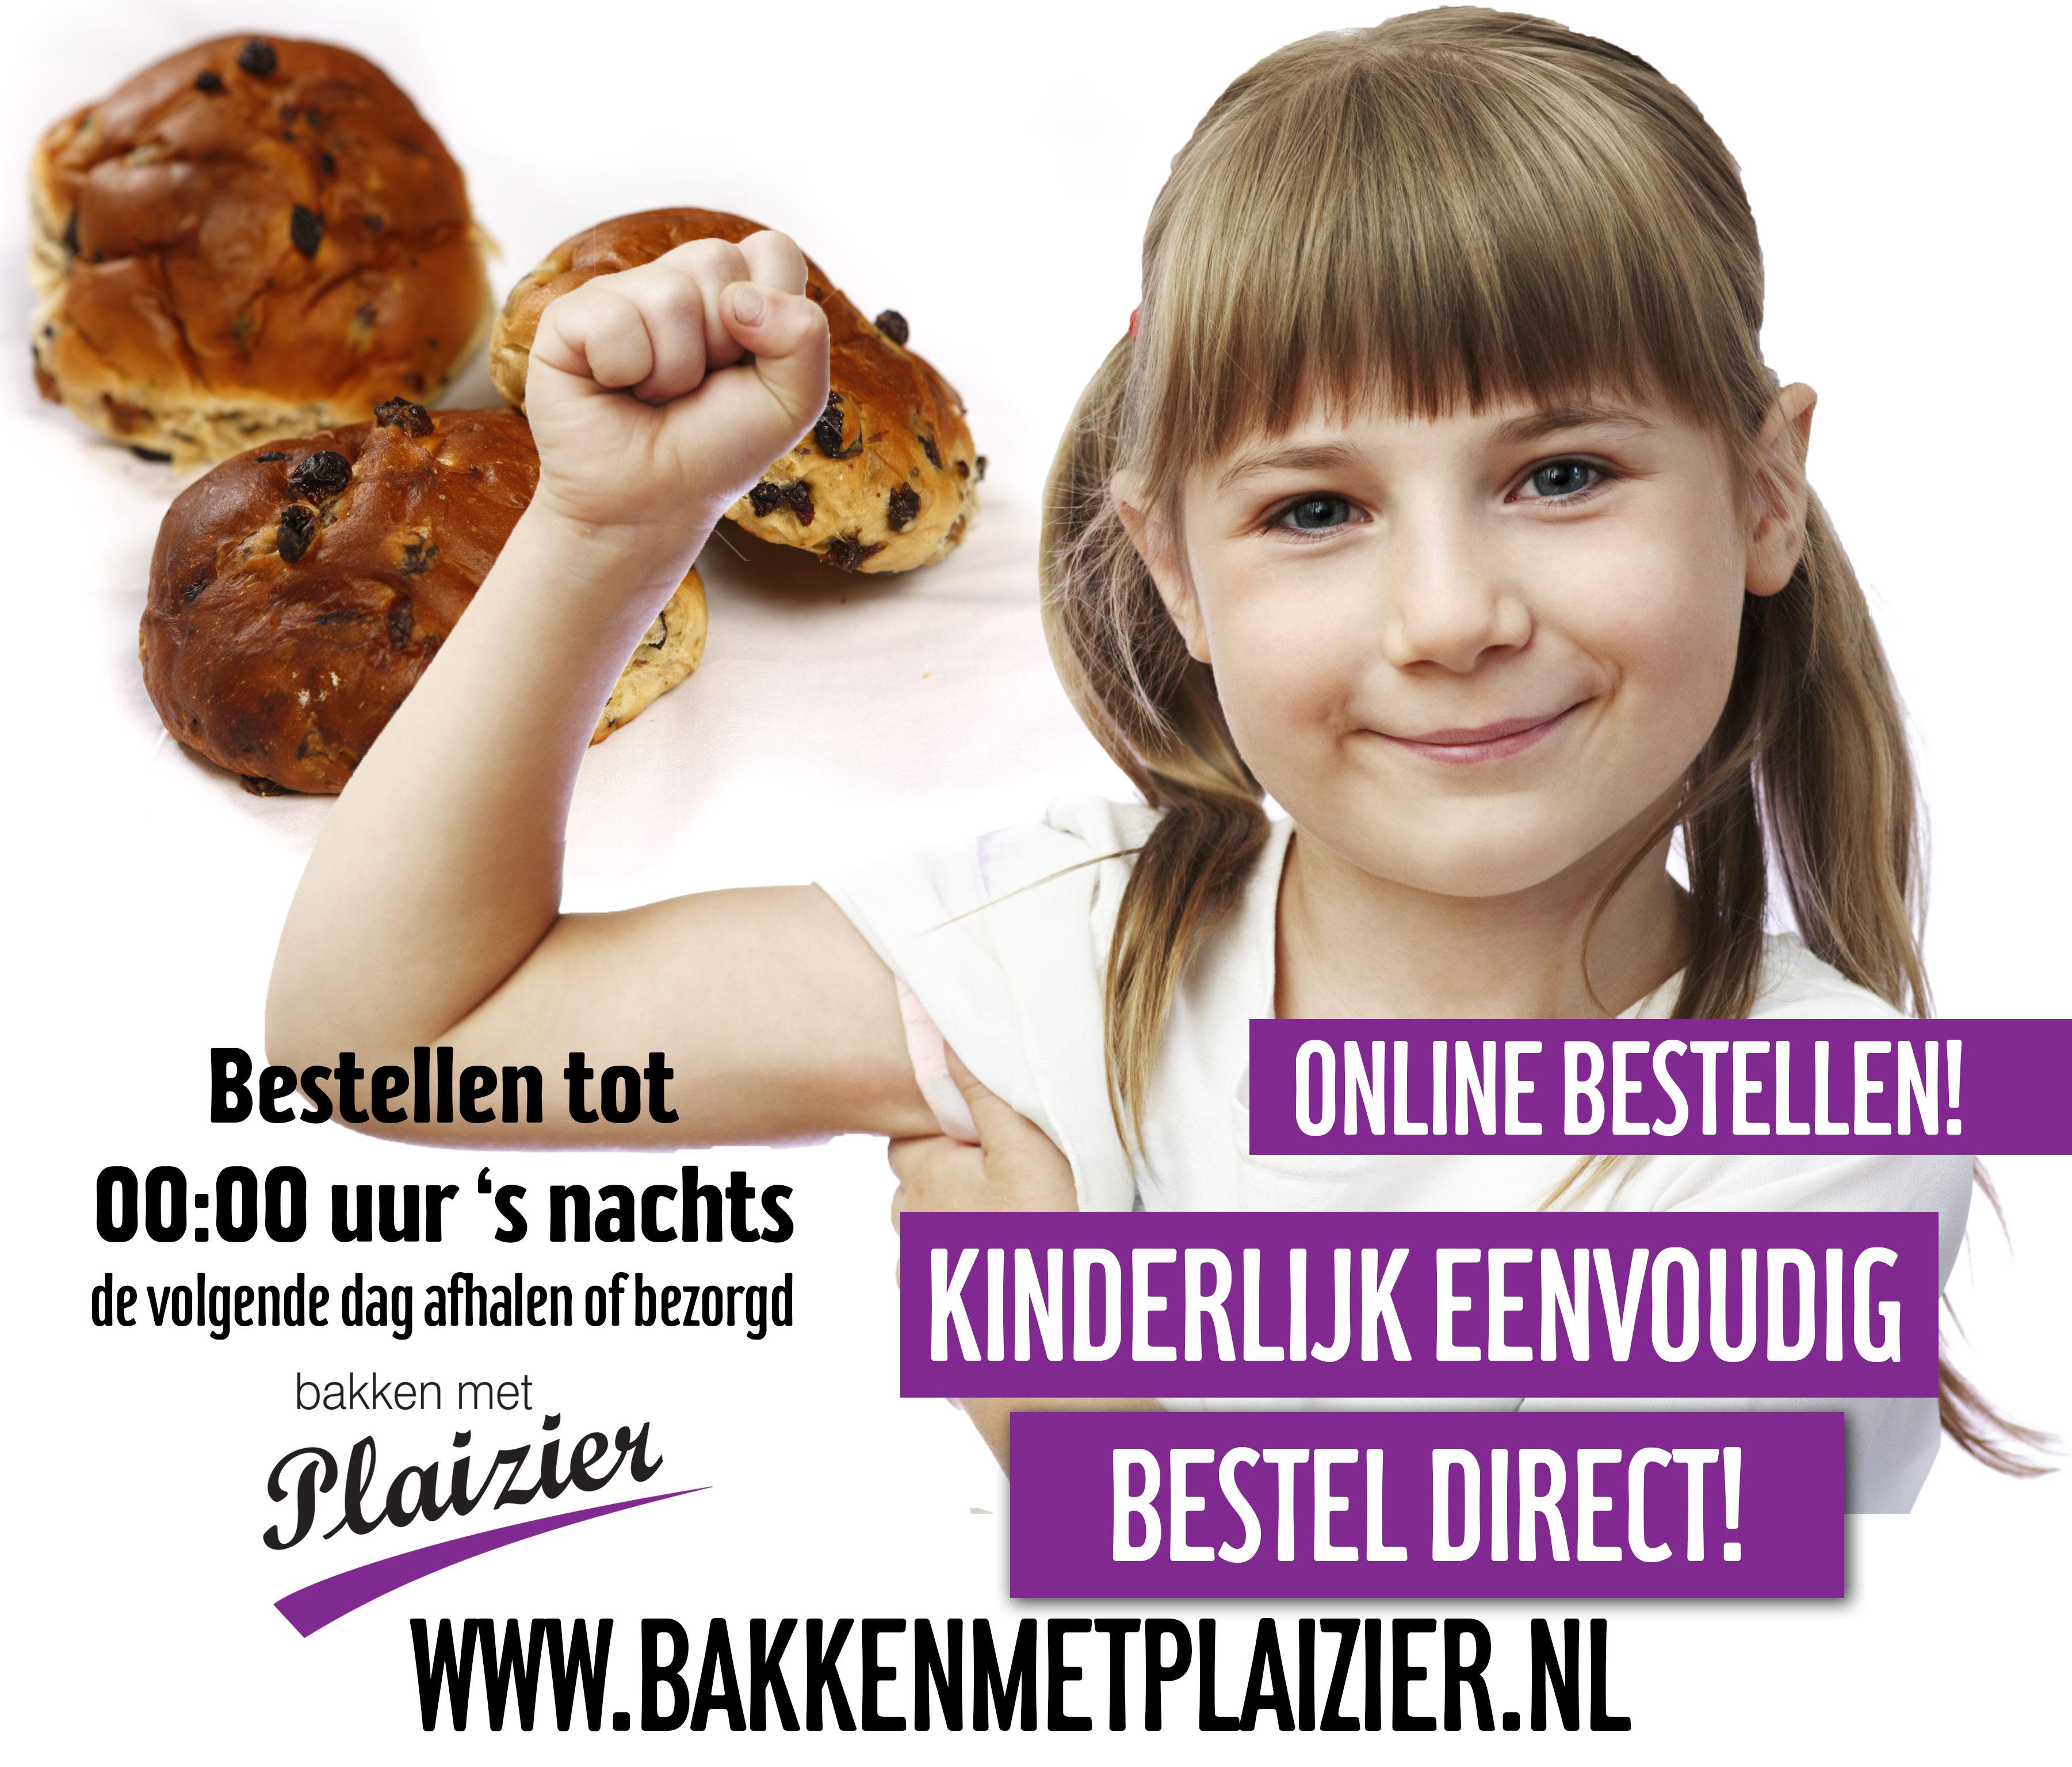 Online brood bestellen